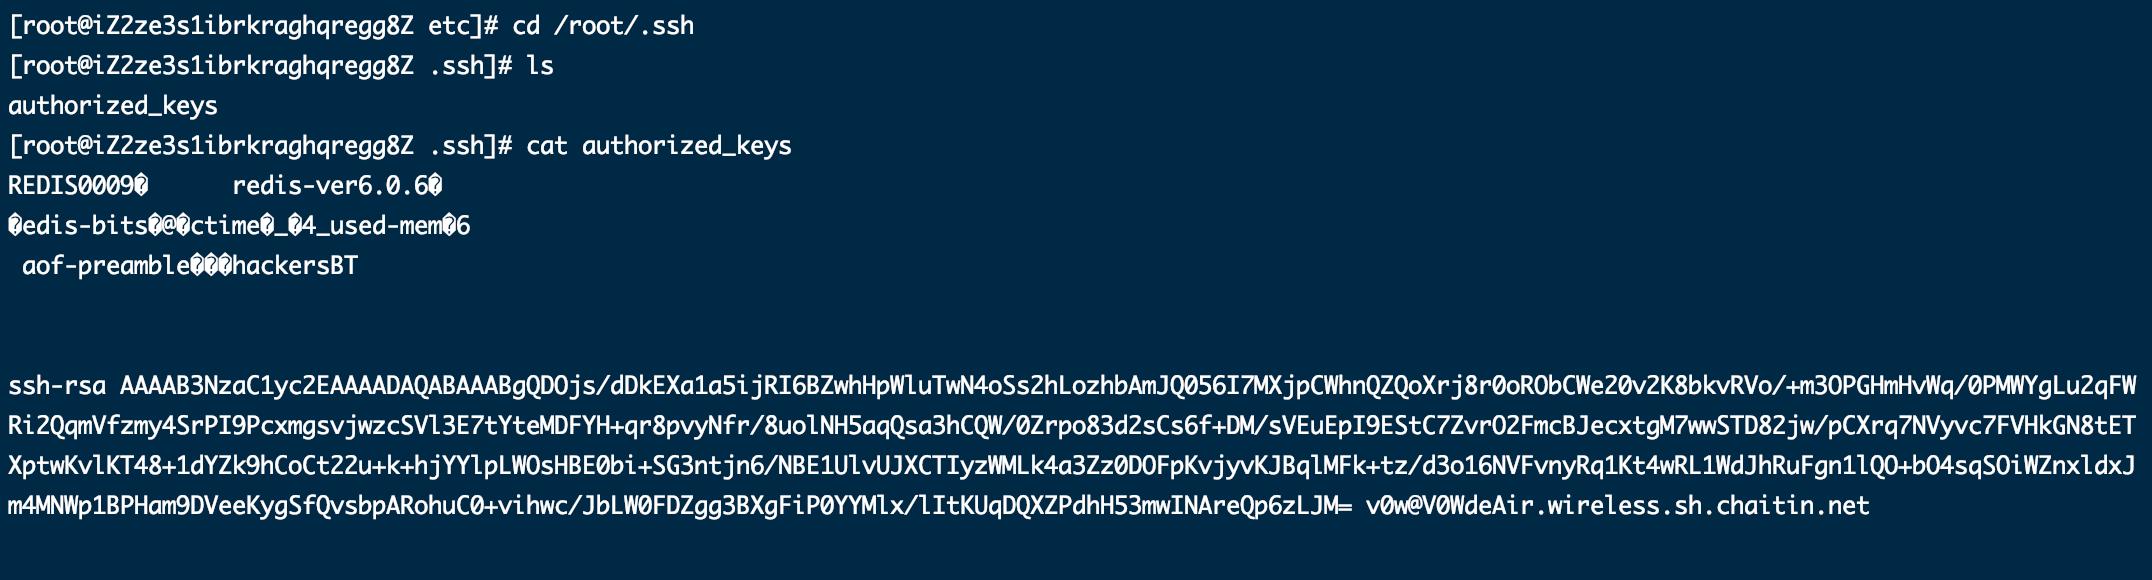 服务器被写入ssh公钥